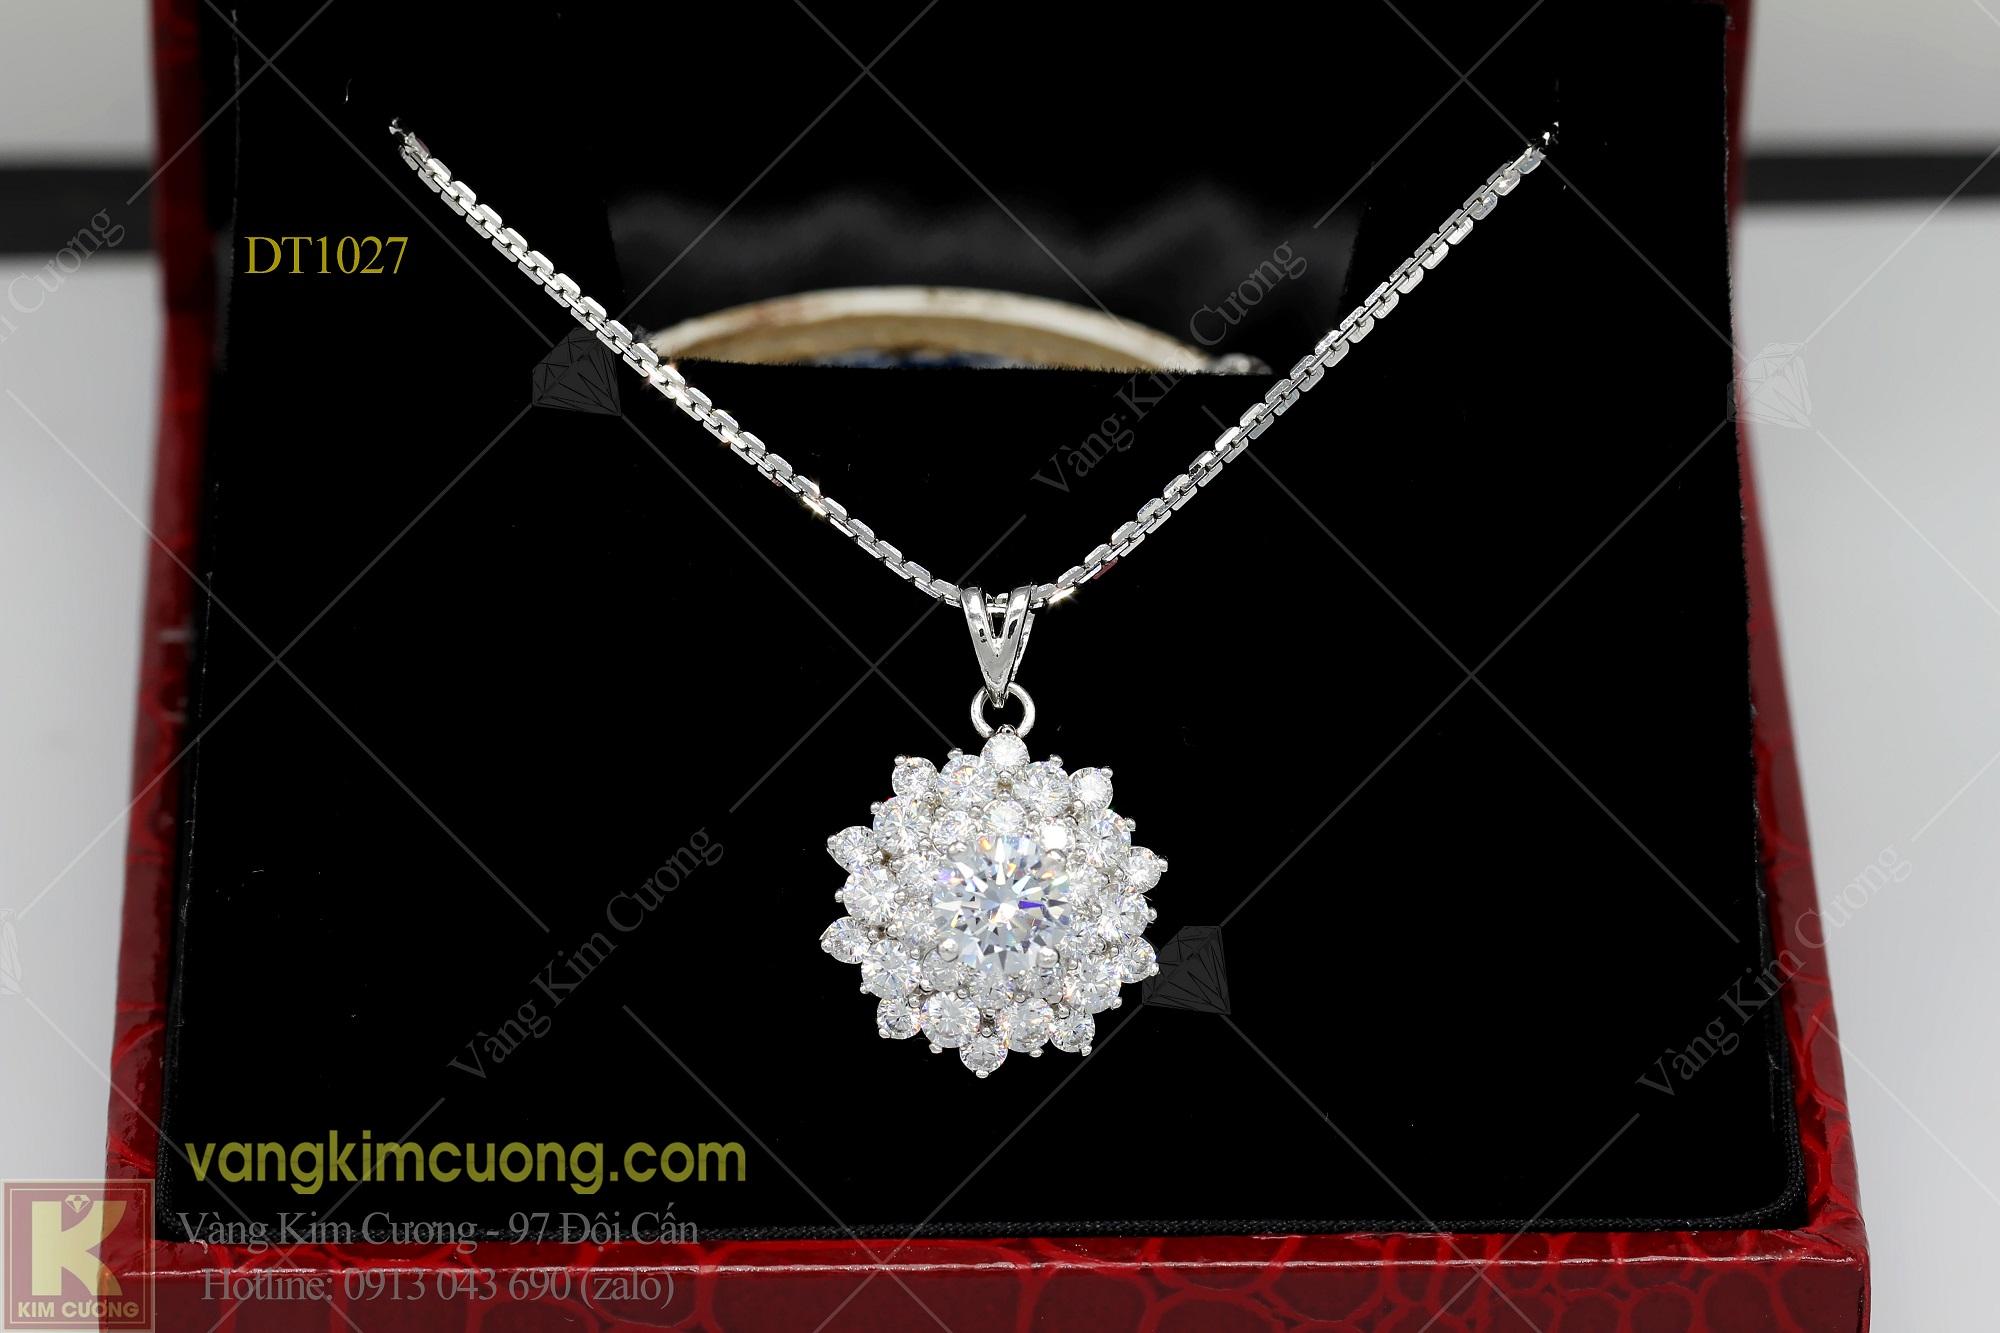 Vẻ đẹp tinh tế của trang sức vàng trắng làm nổi bật sự sang trọng của người dùng